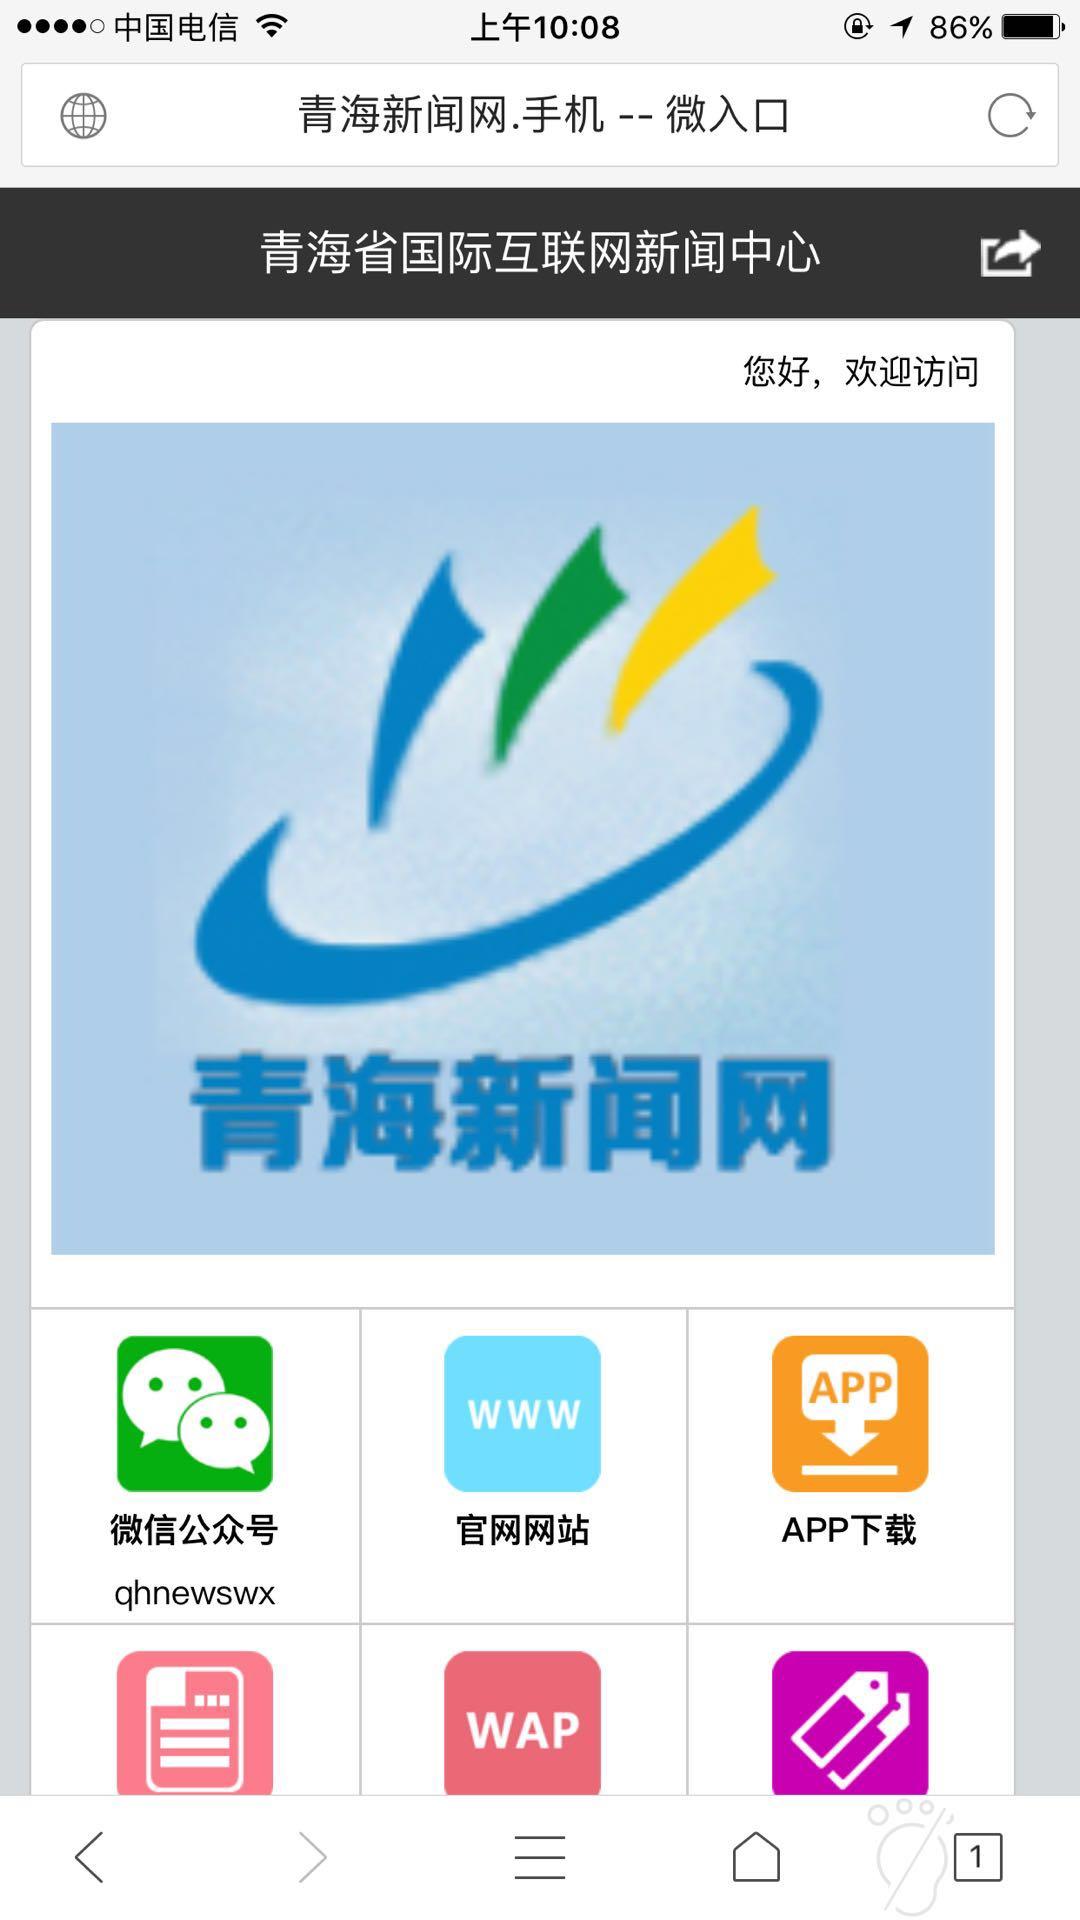 青海新闻网.手机